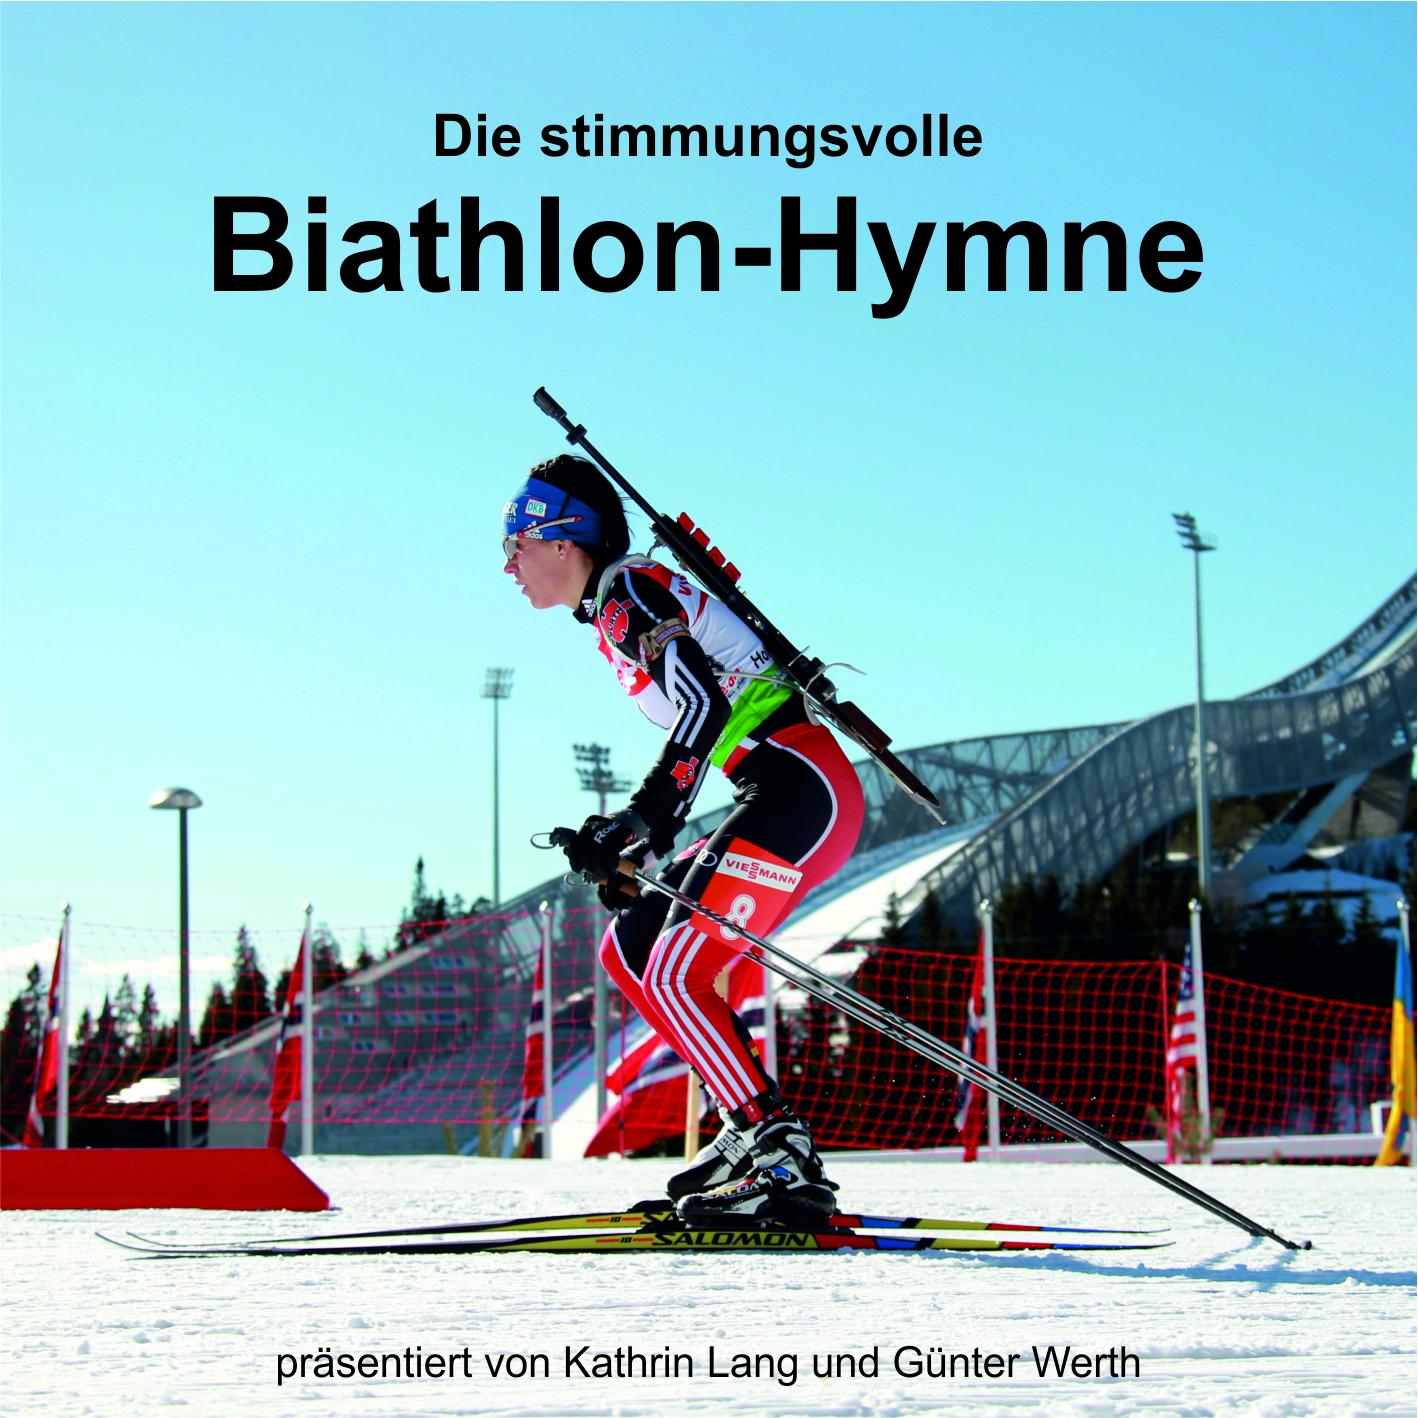 Kathrin Lang und Günter Werth